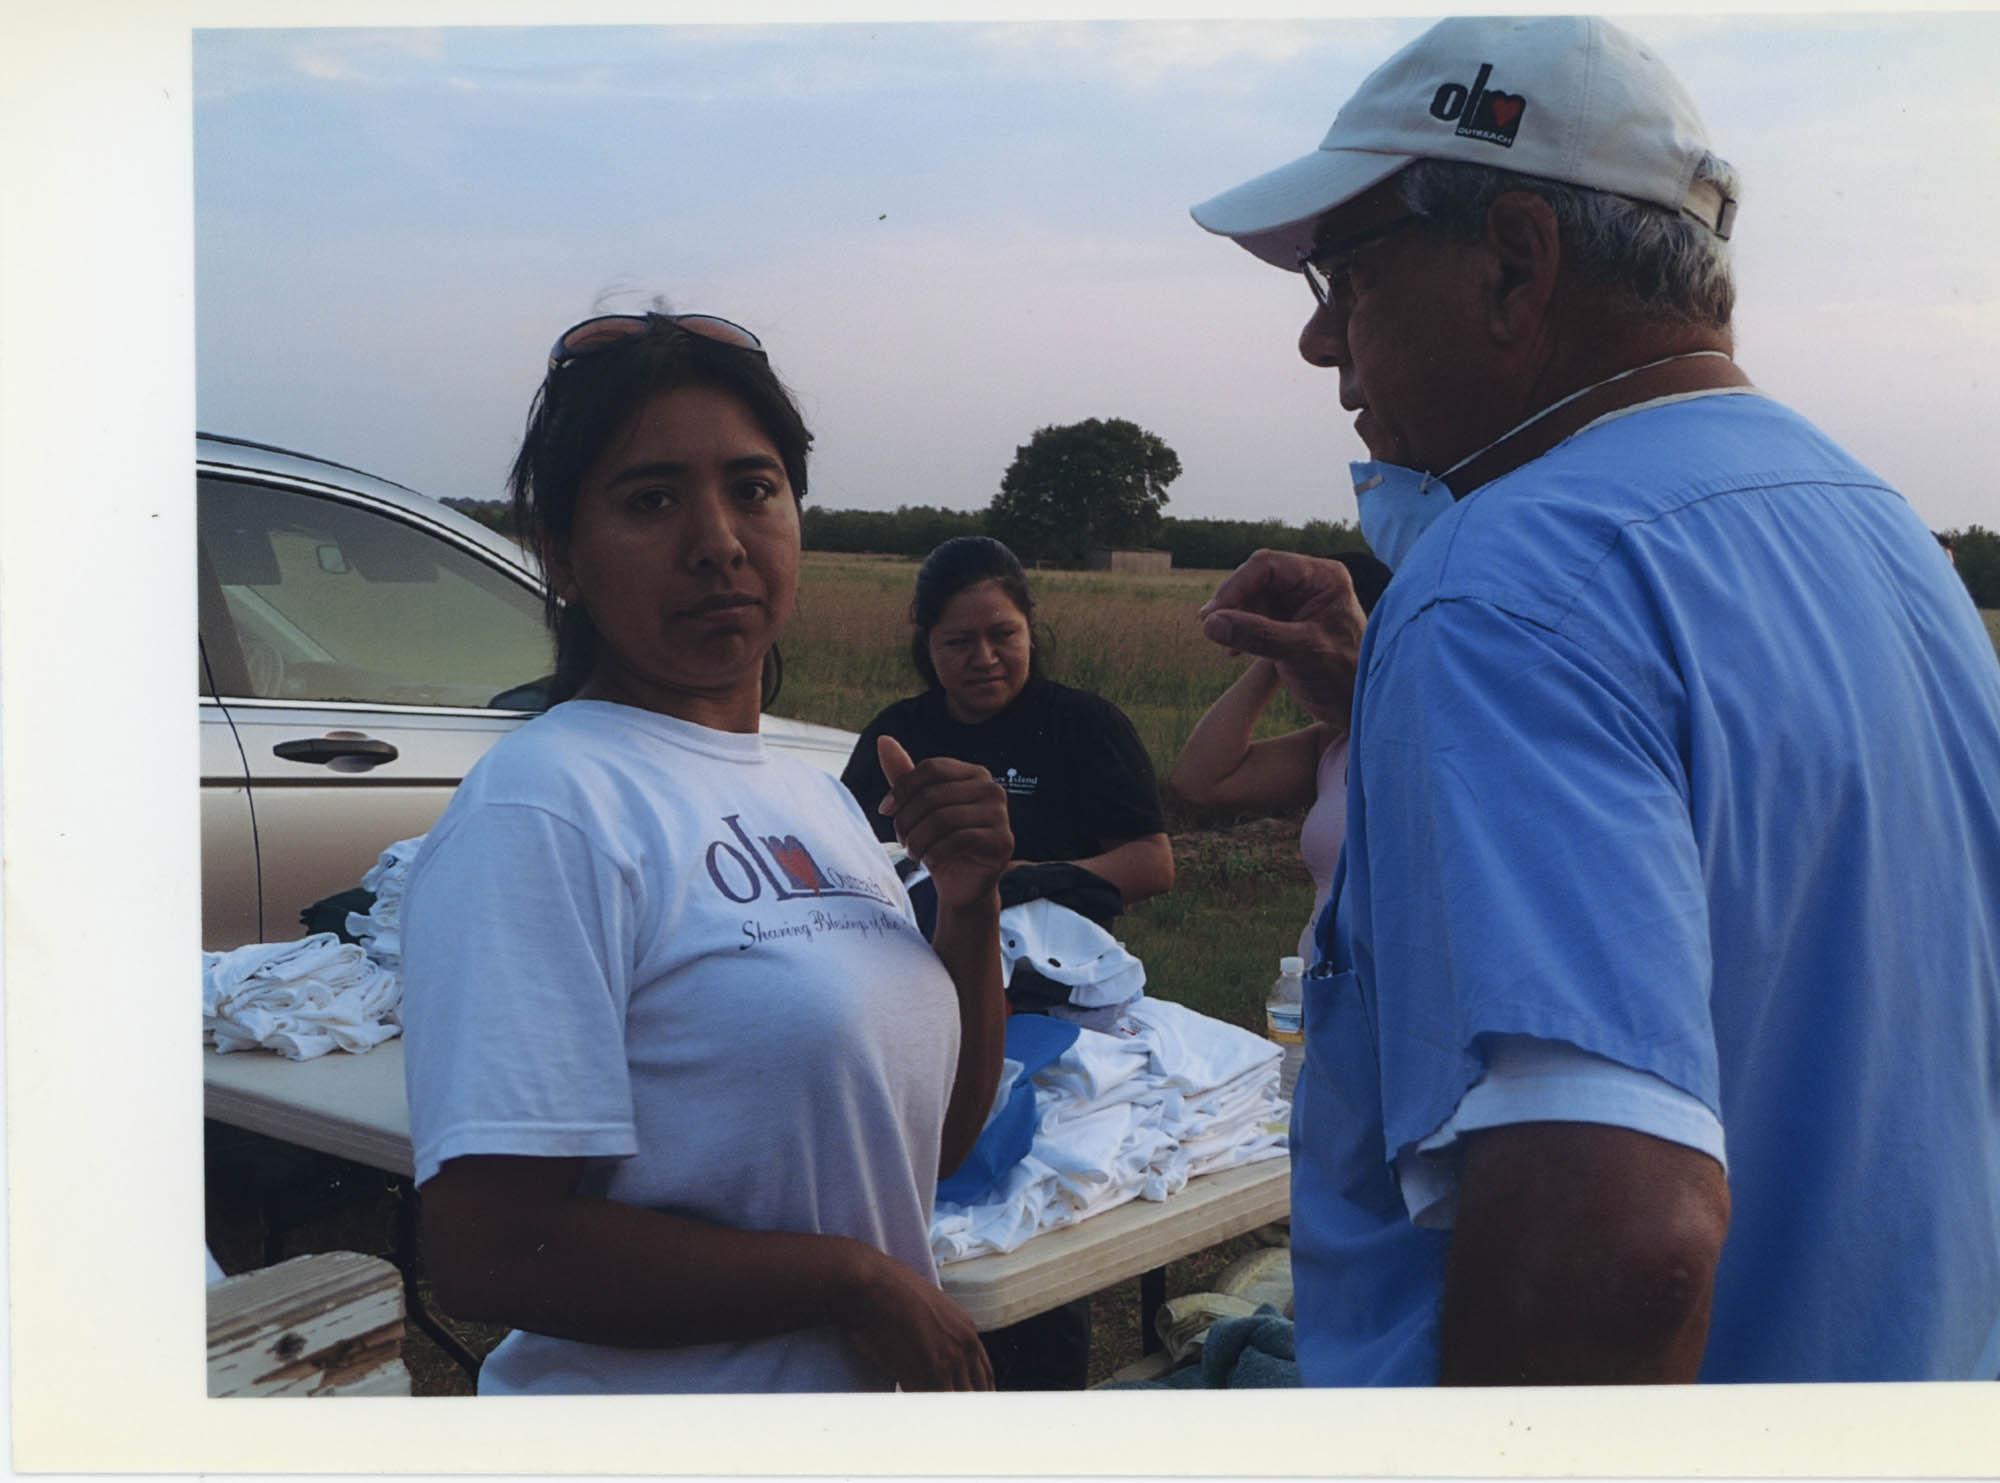 Fotografía de Alma López junto al doctor John Howard visitando trabajadores agrícolas migrantes  /  Photograph of Alma López and Doctor John Howard Visiting Seasonal Migrant Workers